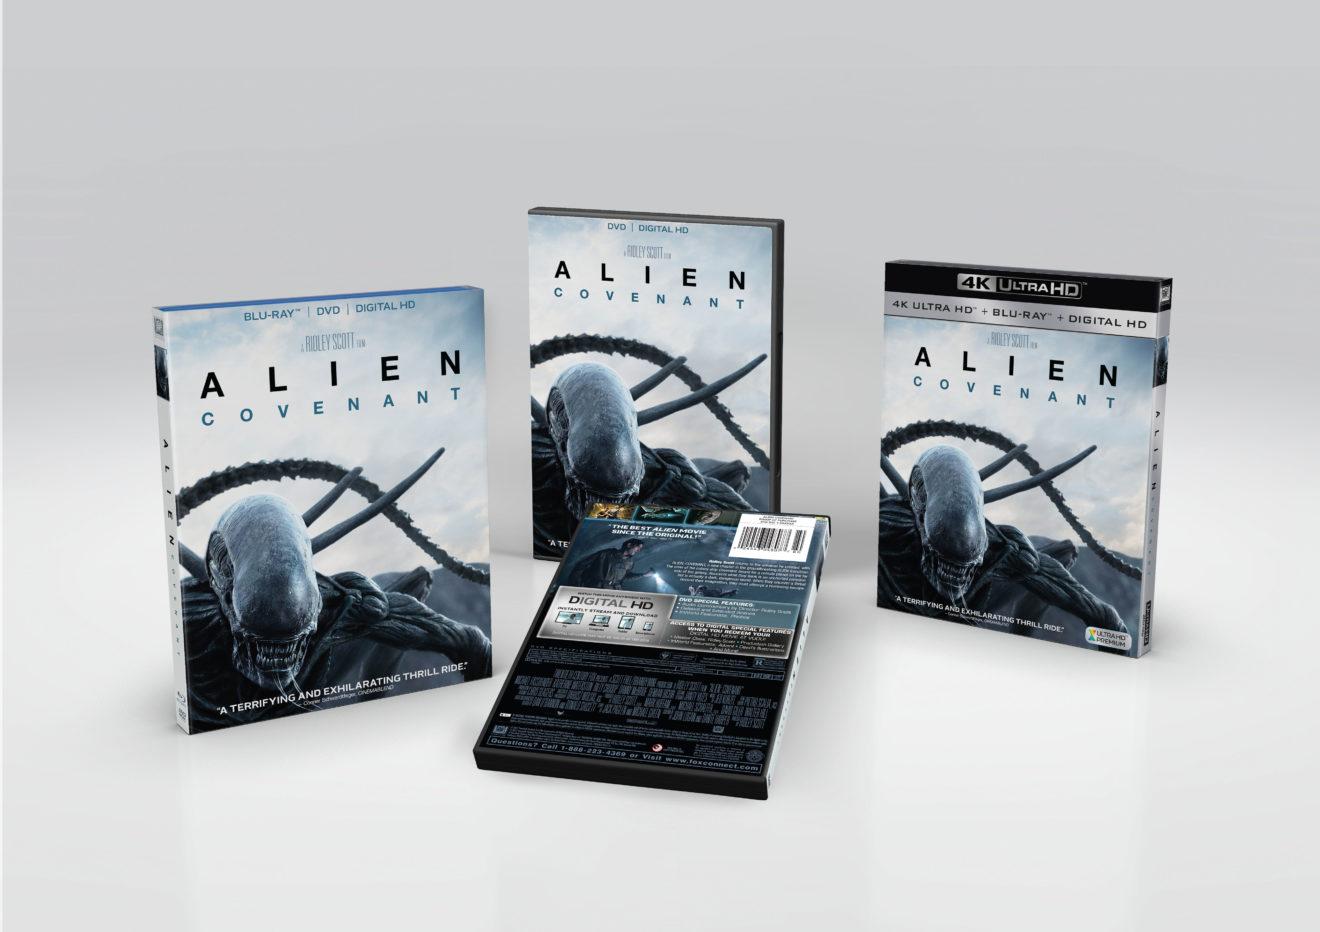 Alien_Covenant_BD_DVD_UHD